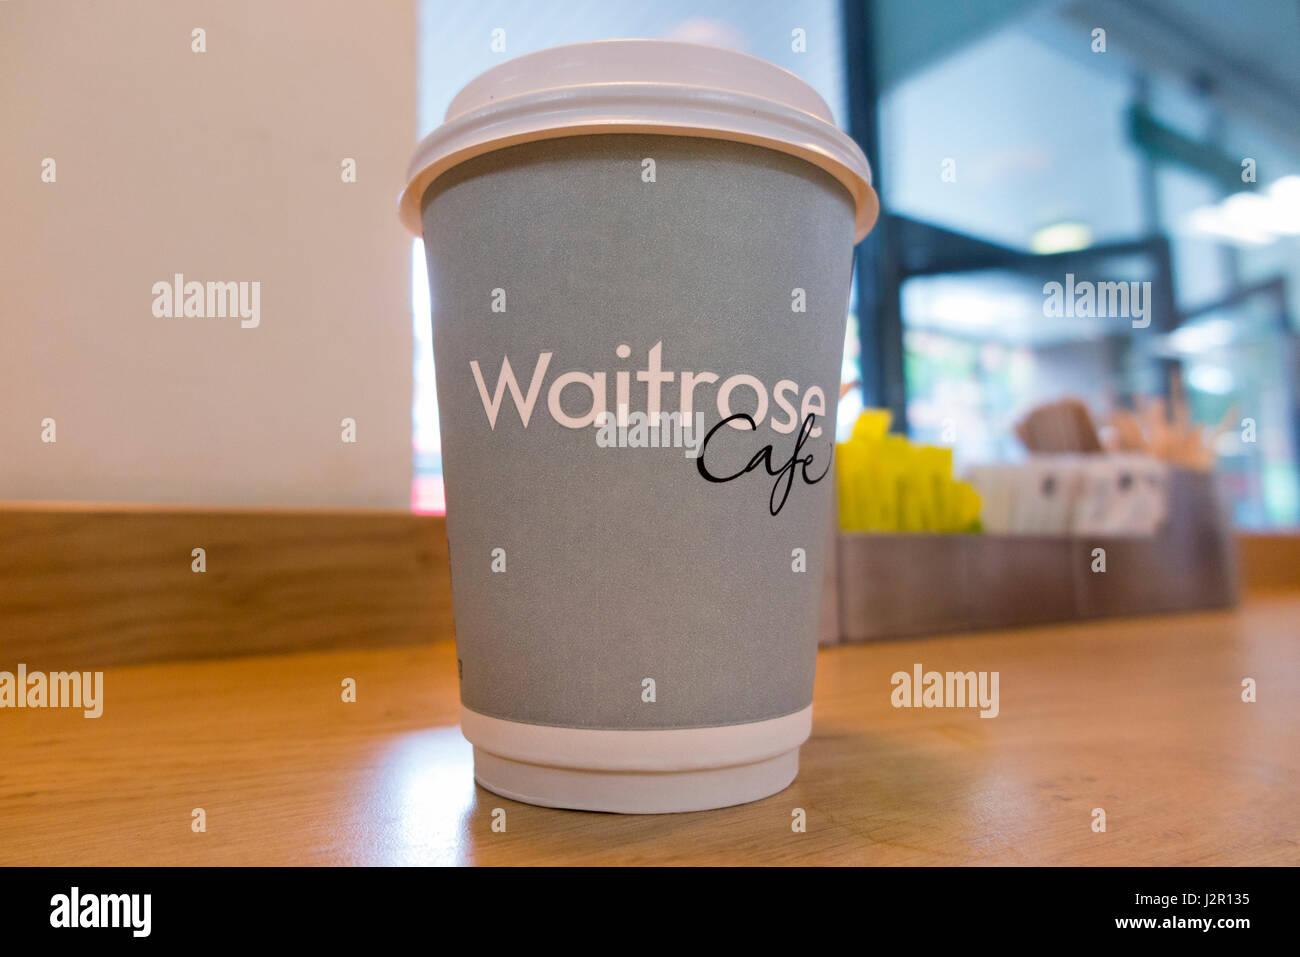 Una tazza di caffè gratuito presso un supermarket Waitrose. Regno Unito. Questo calice è una miscela di Immagini Stock